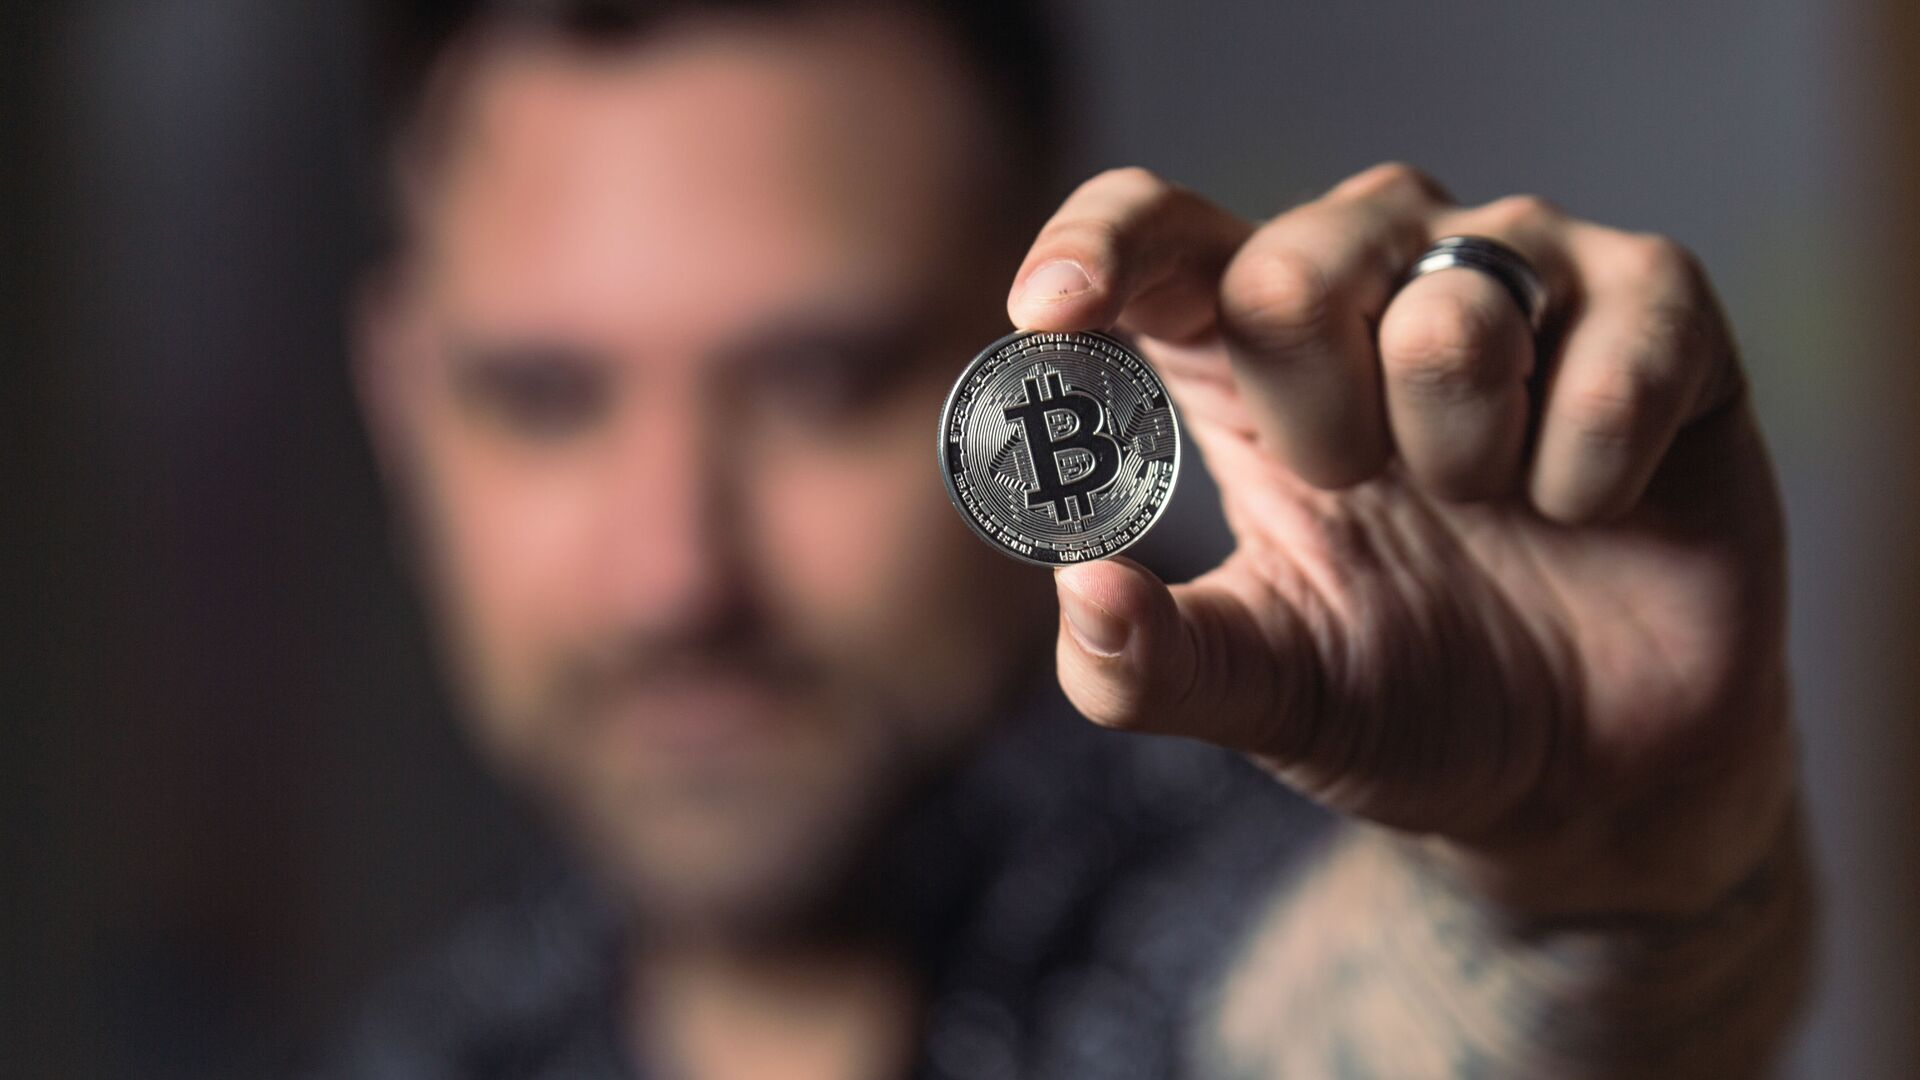 Una persona con una moneda de bitcóin - Sputnik Mundo, 1920, 17.07.2021